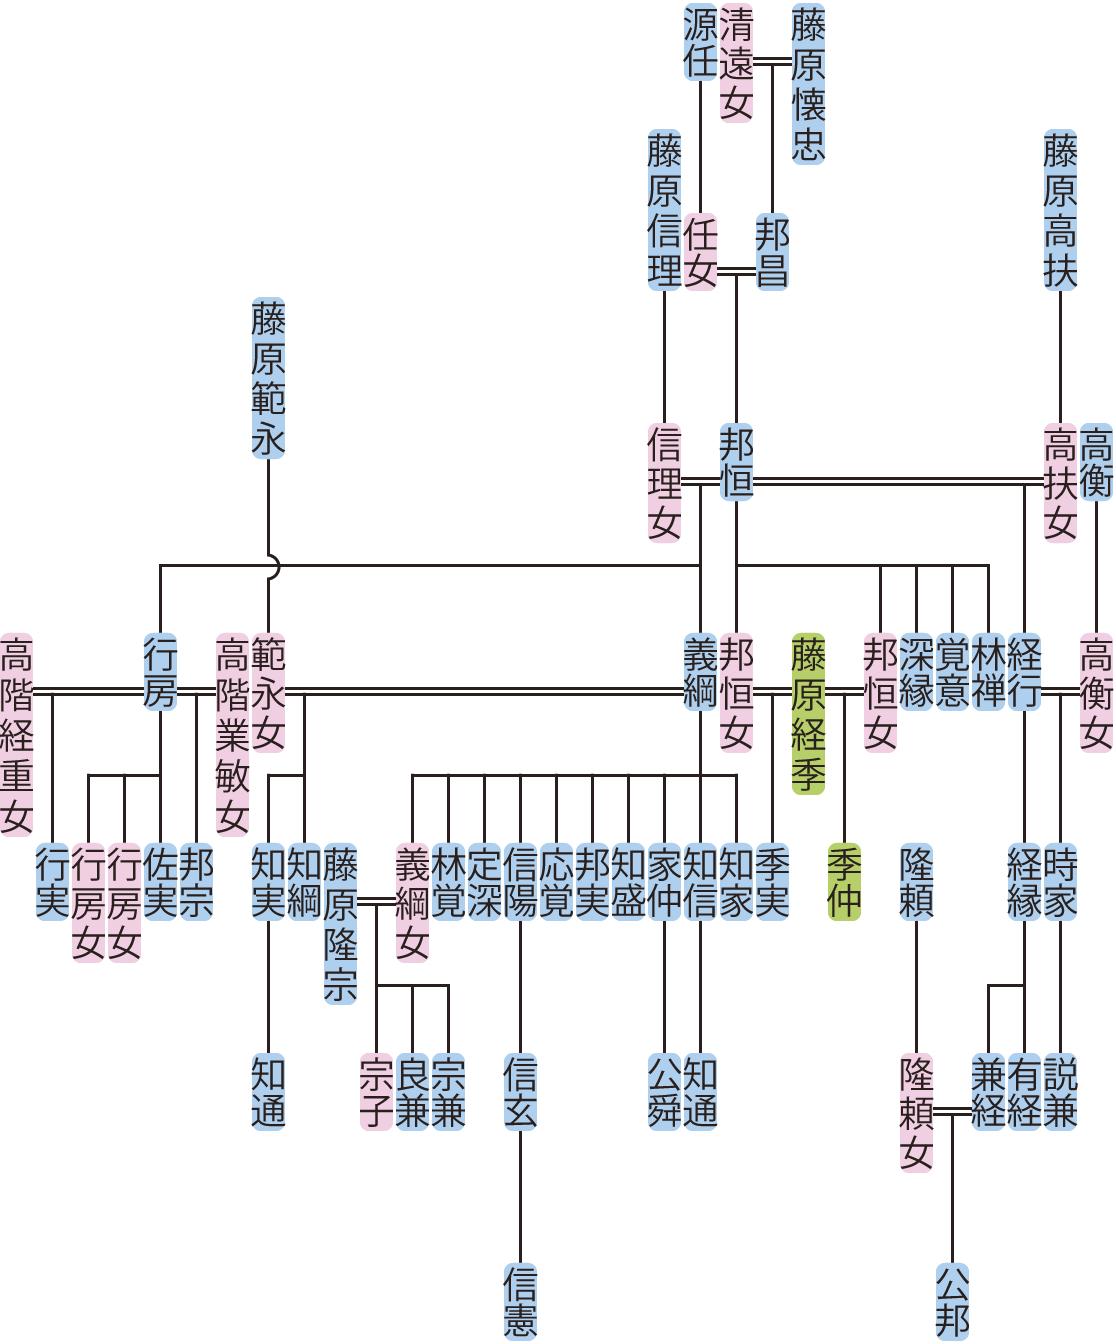 藤原邦恒の系図